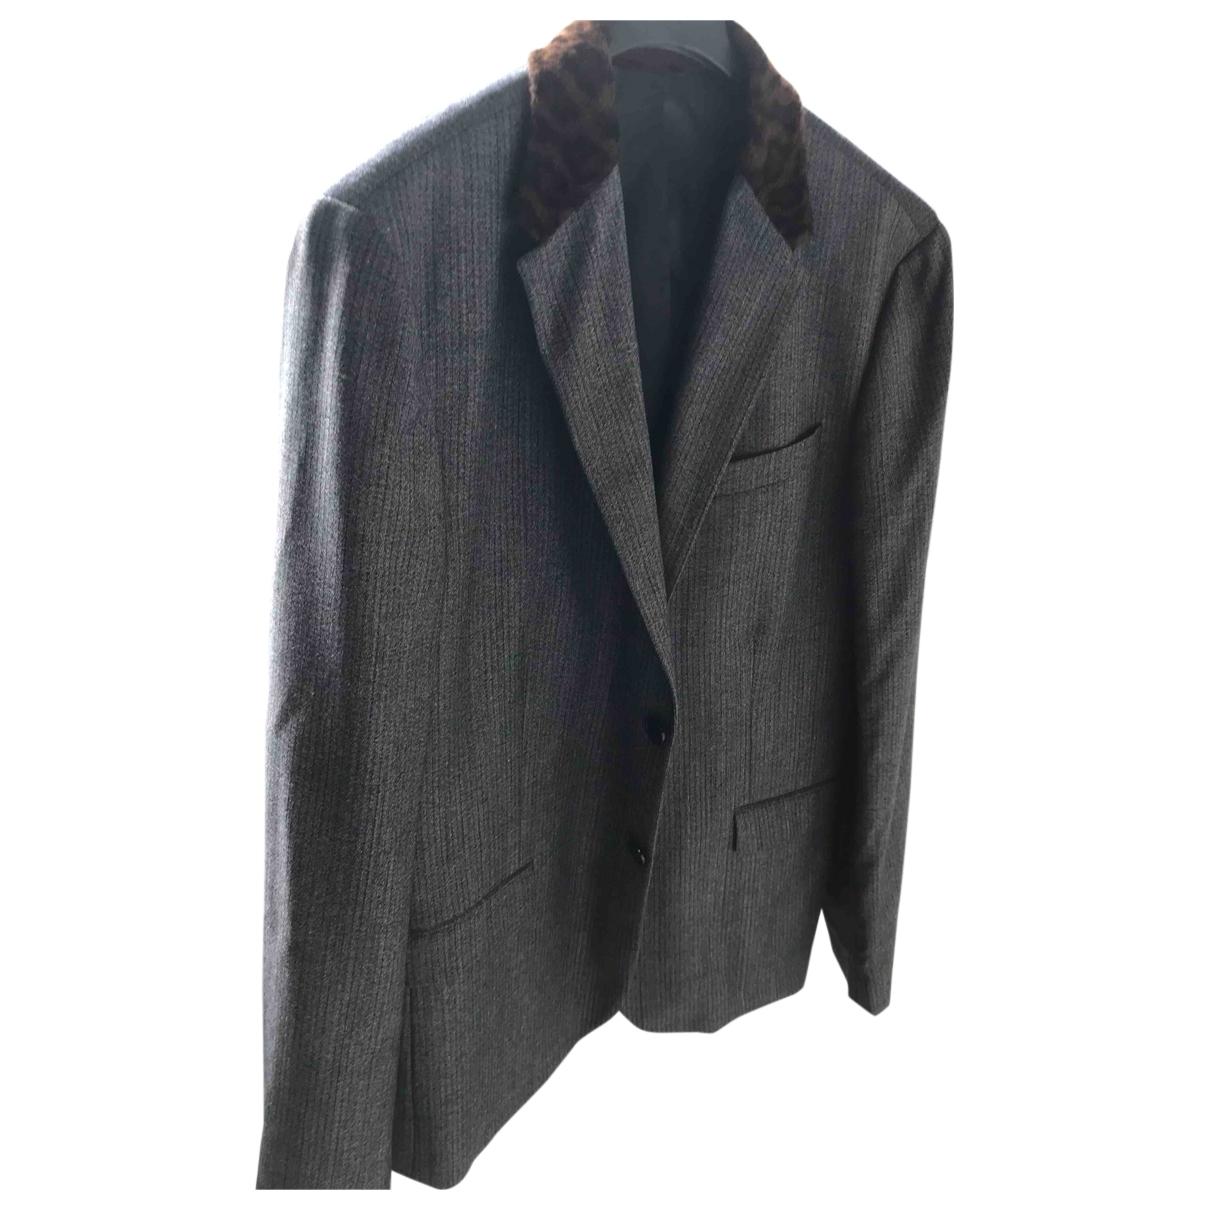 Paul Smith \N Grey Wool jacket  for Men 50 IT